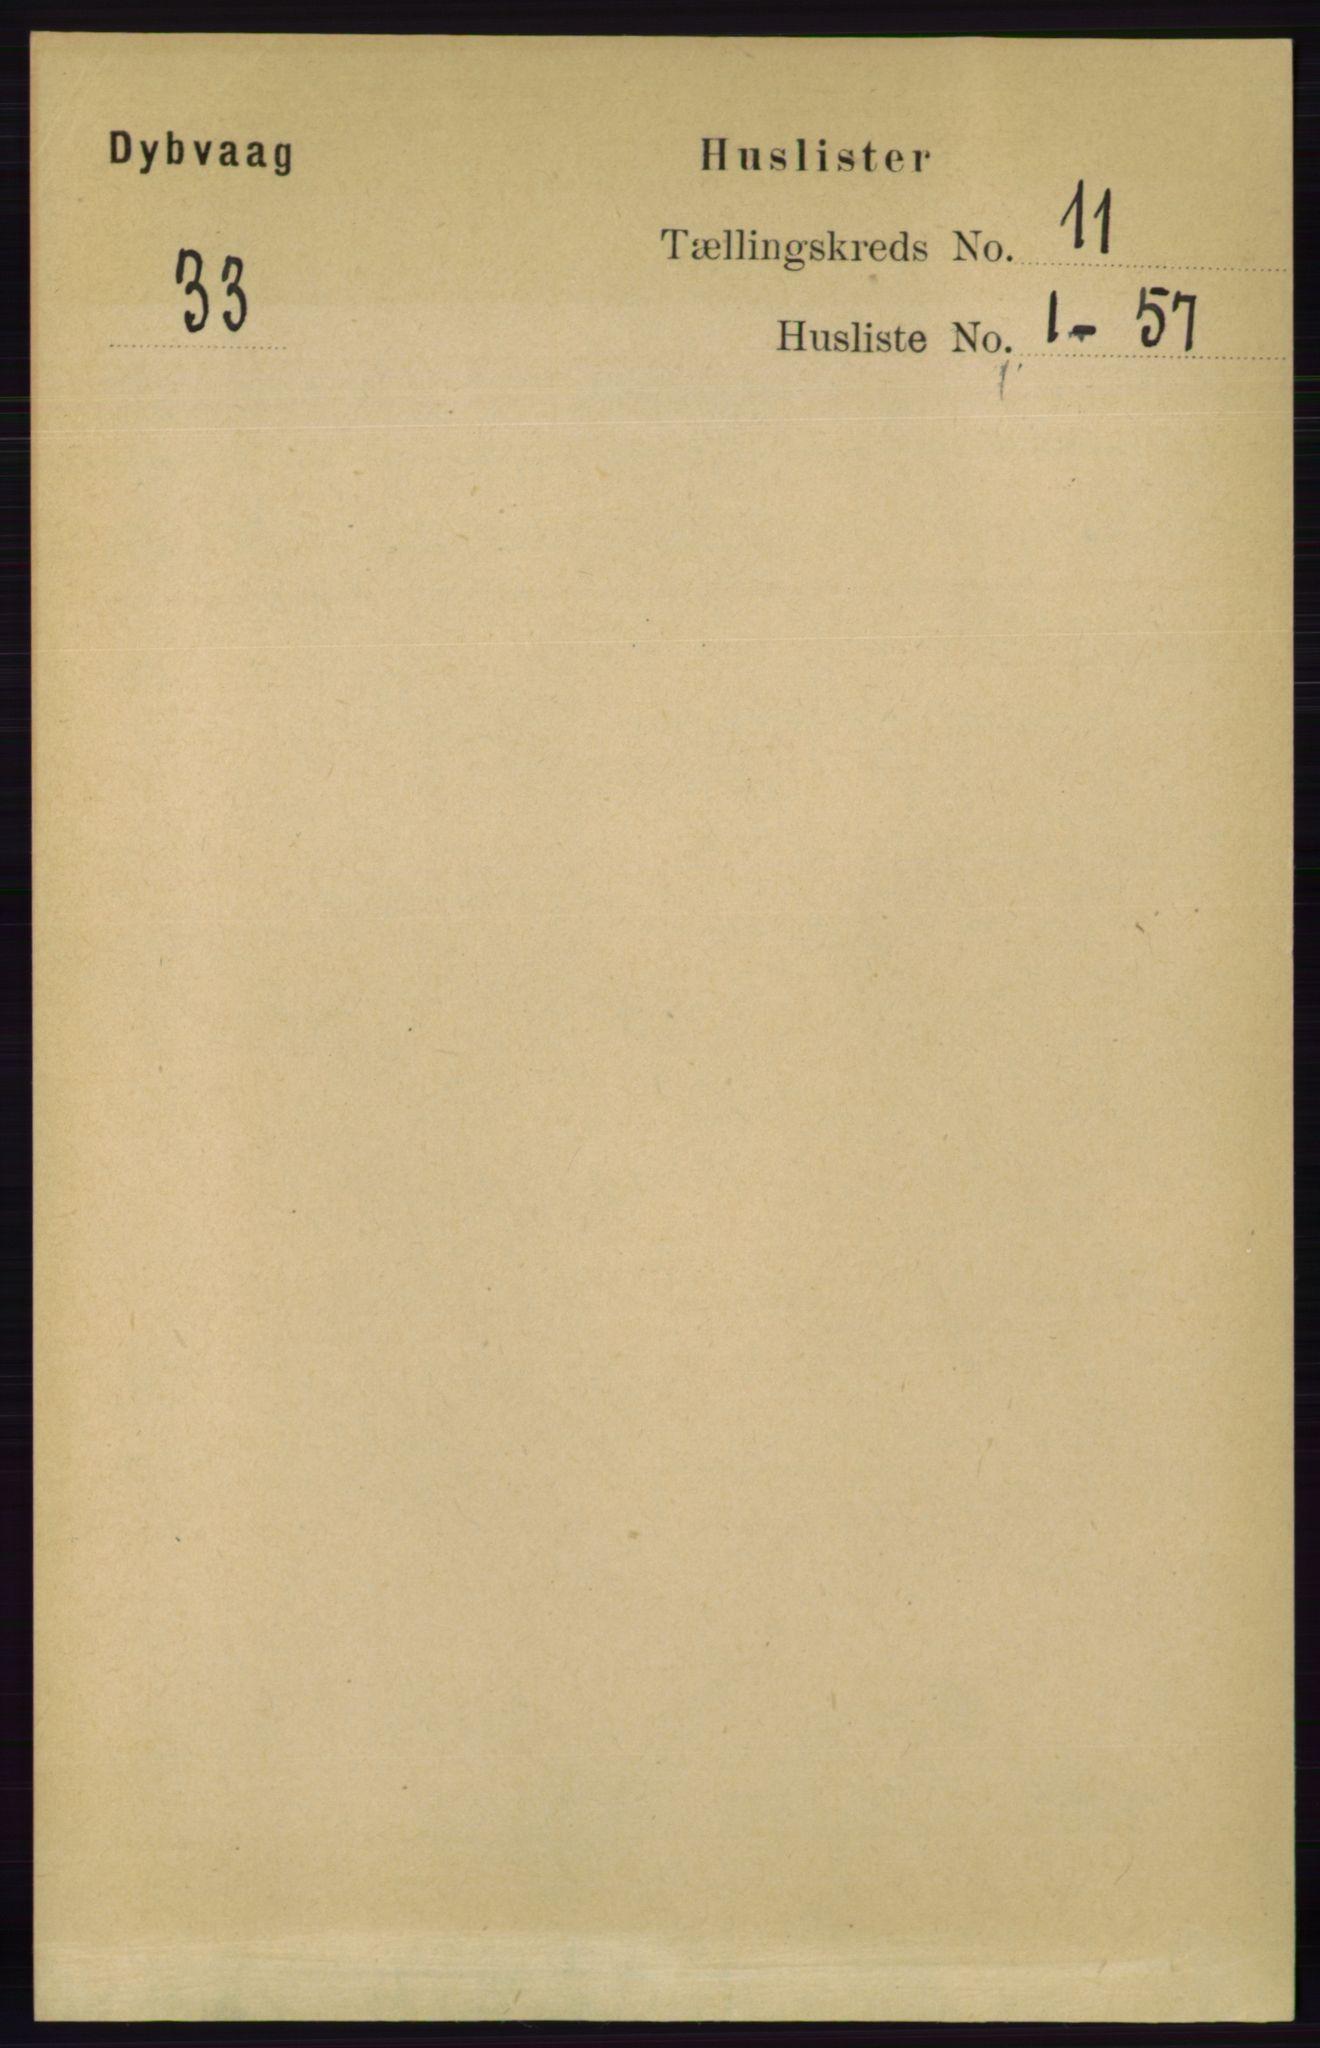 RA, Folketelling 1891 for 0915 Dypvåg herred, 1891, s. 4242